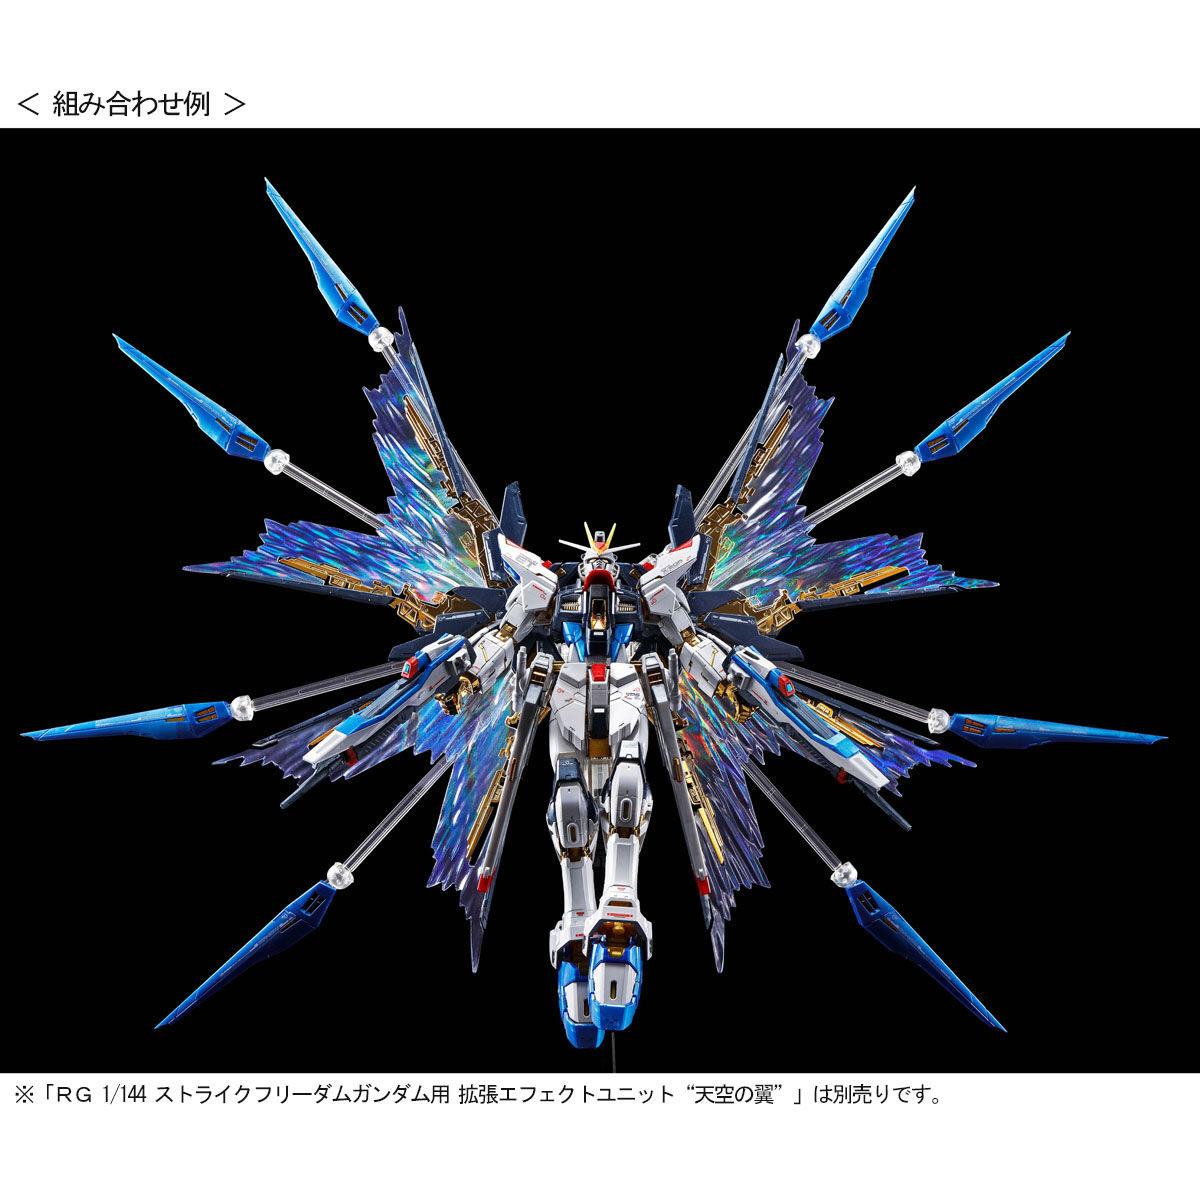 【限定販売】RG 1/144『ストライクフリーダムガンダム[チタニウムフィニッシュ]』機動戦士ガンダムSEED DESTINY プラモデル-008